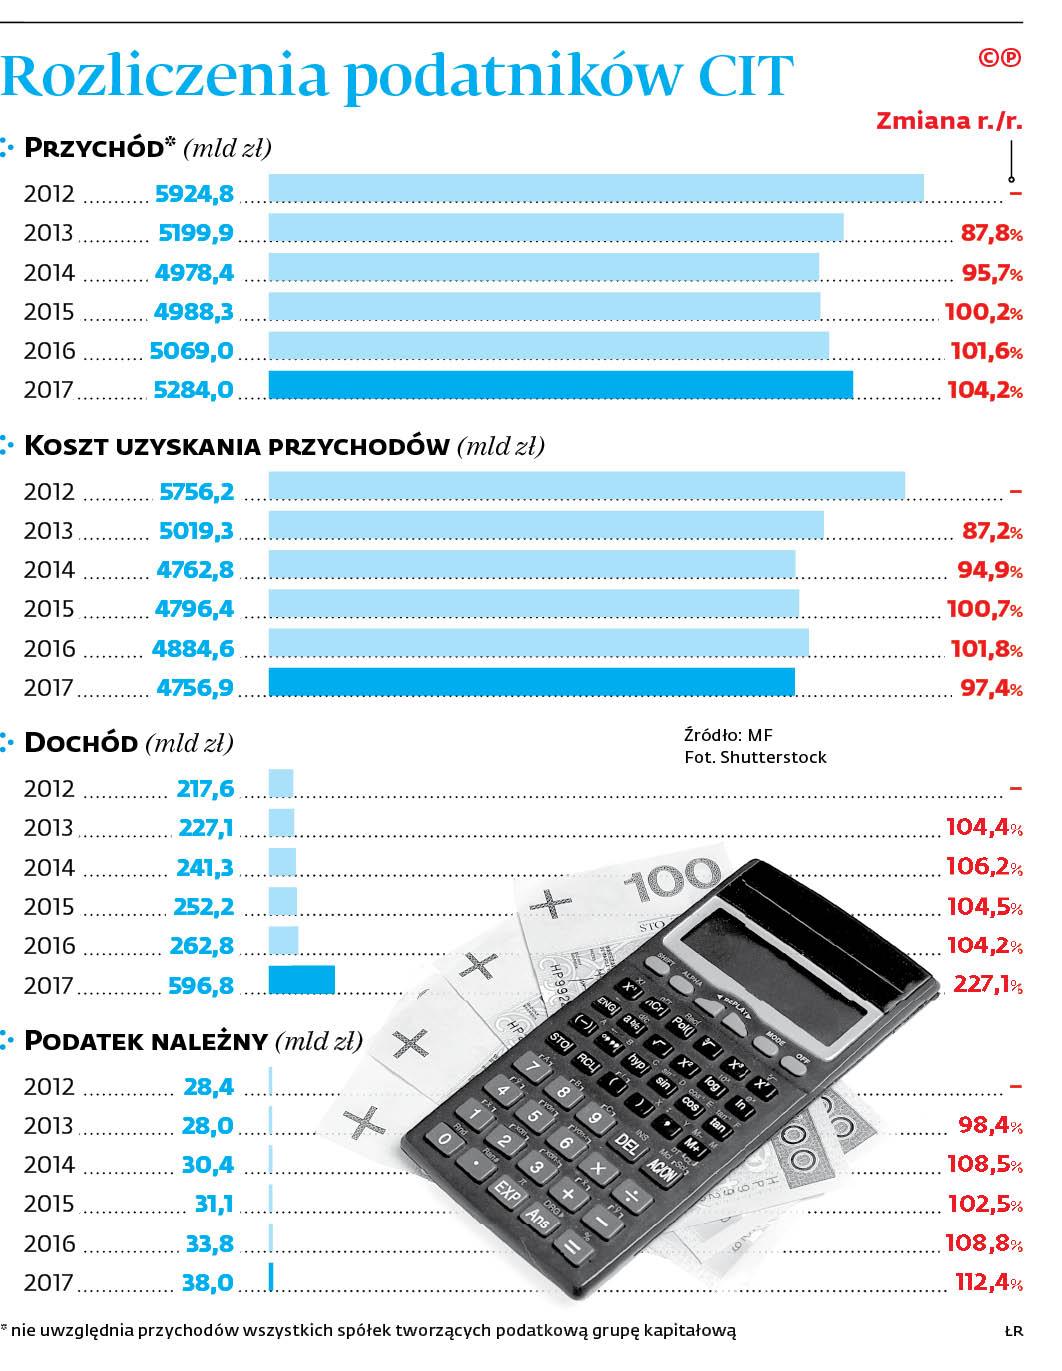 Rozliczenia podatników w CIT